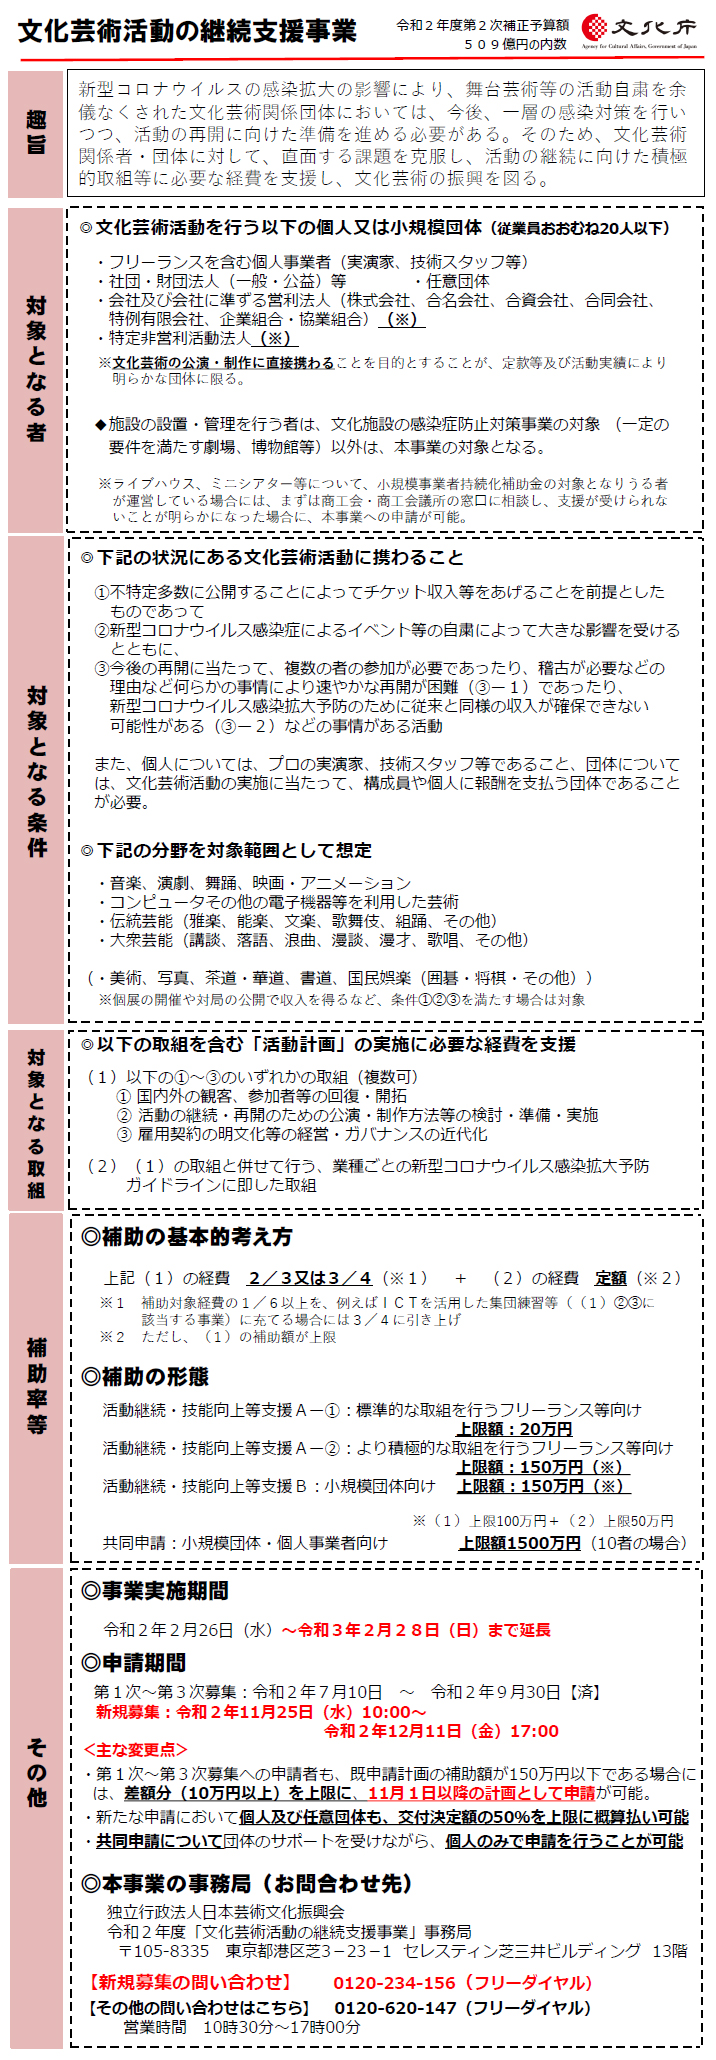 コロナ 文化 庁